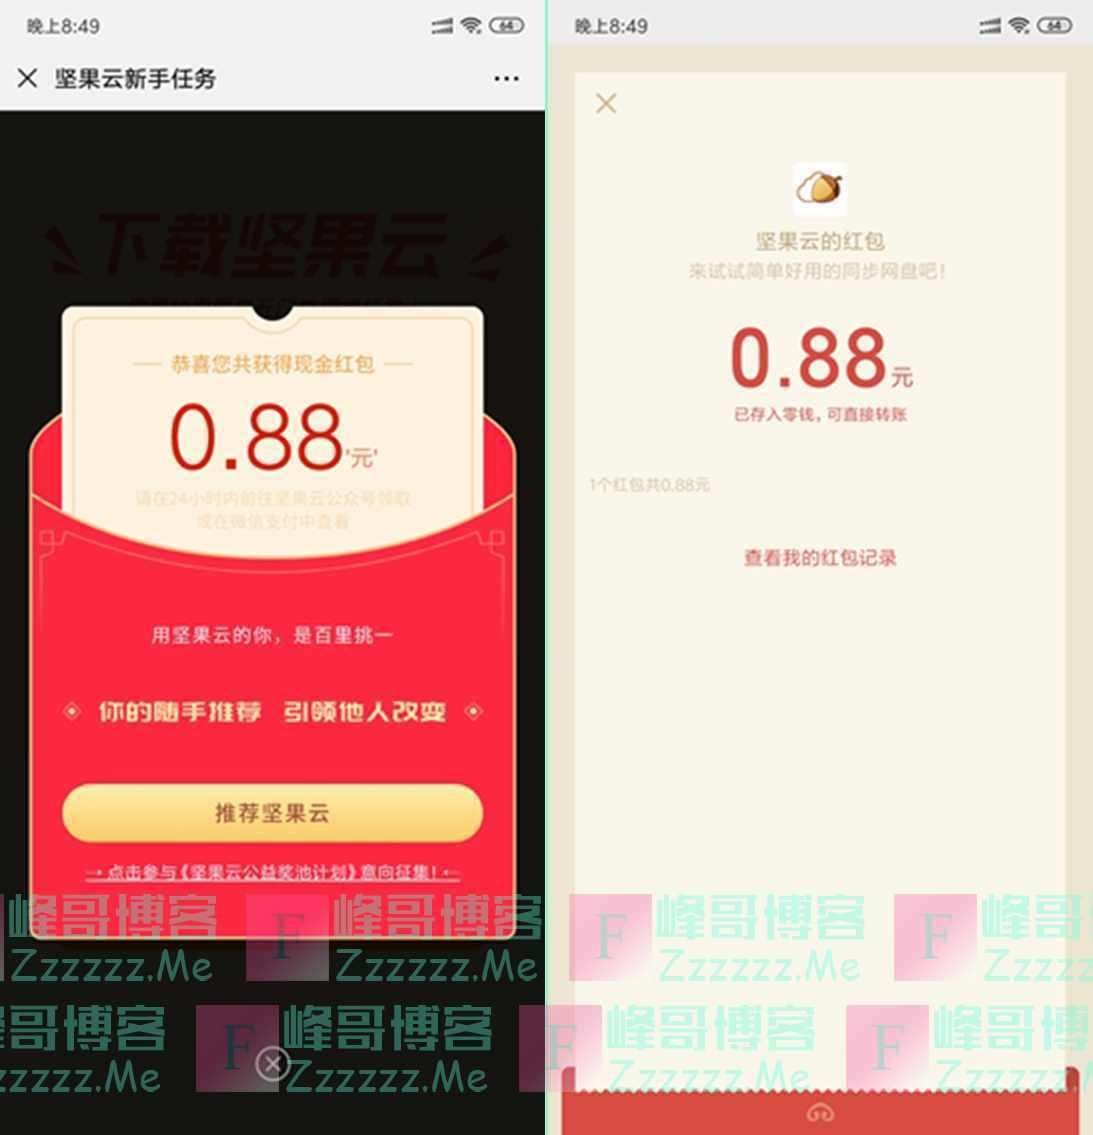 坚果云新用户领0.88微信红包